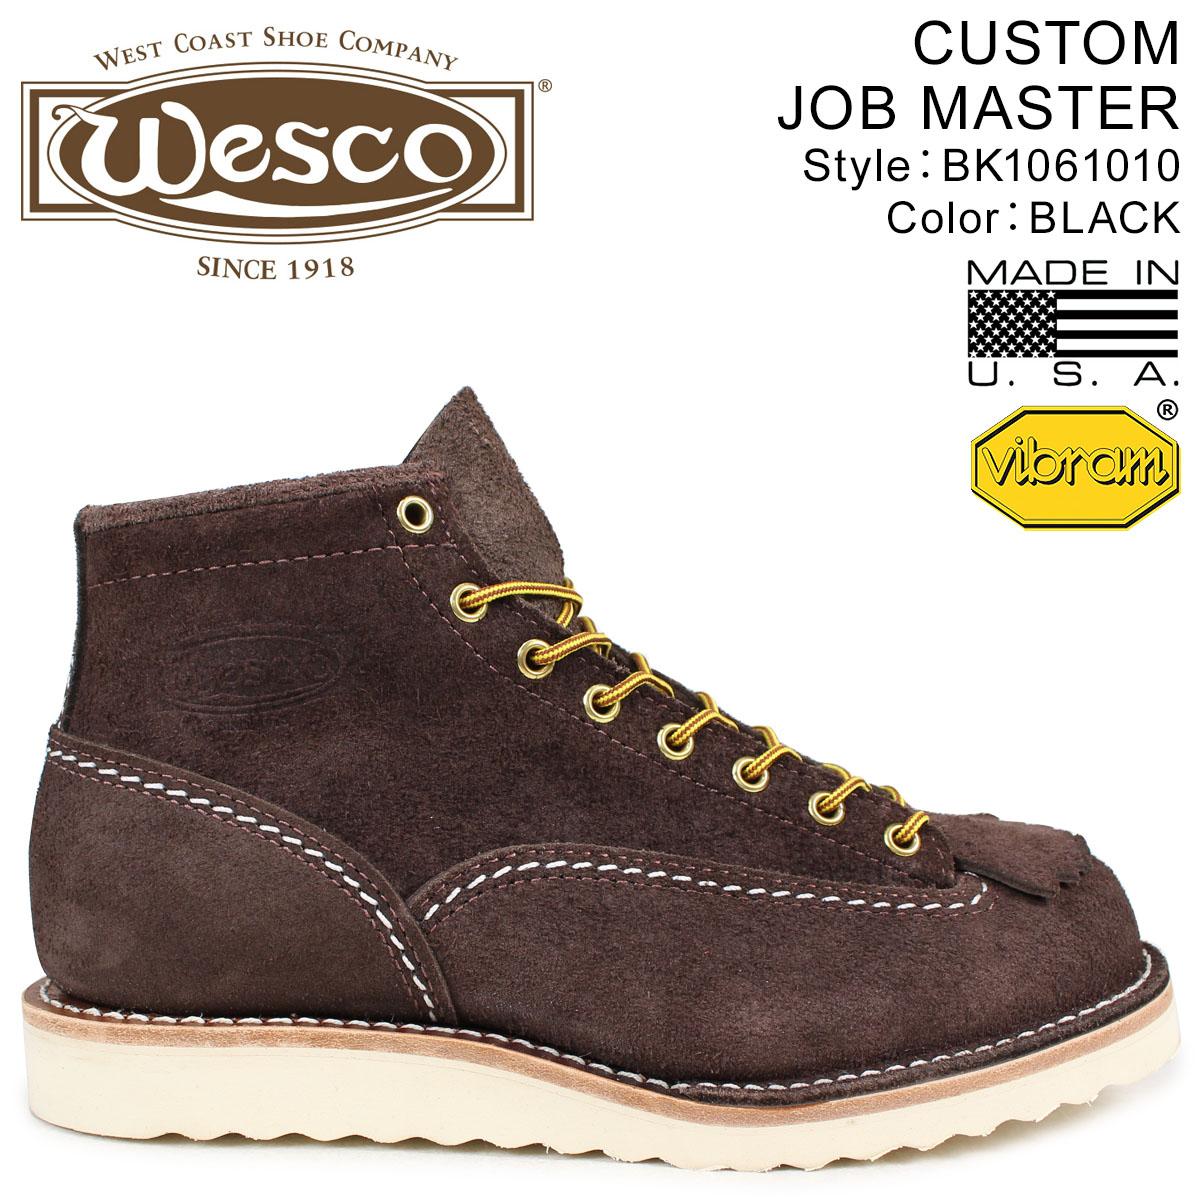 WESCO ジョブマスター ウエスコ ブーツ 6インチ カスタム 6INCH CUSTOM JOB MASTER Eワイズ スエード メンズ ブラウン BR1061010 ウェスコ